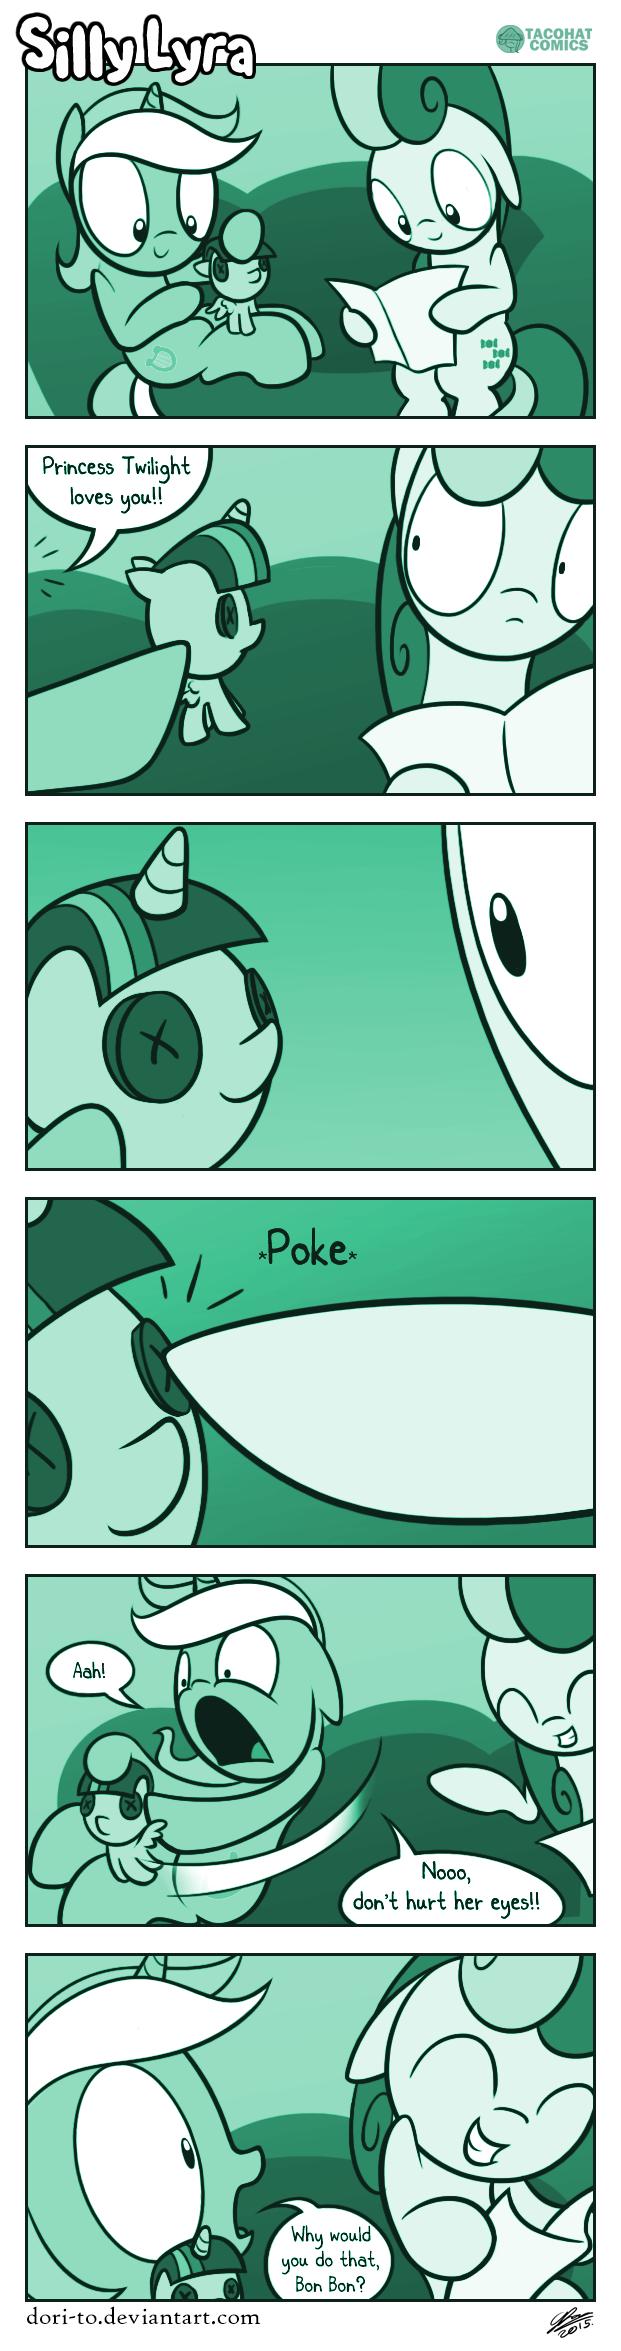 Silly Lyra - Eye Catcher